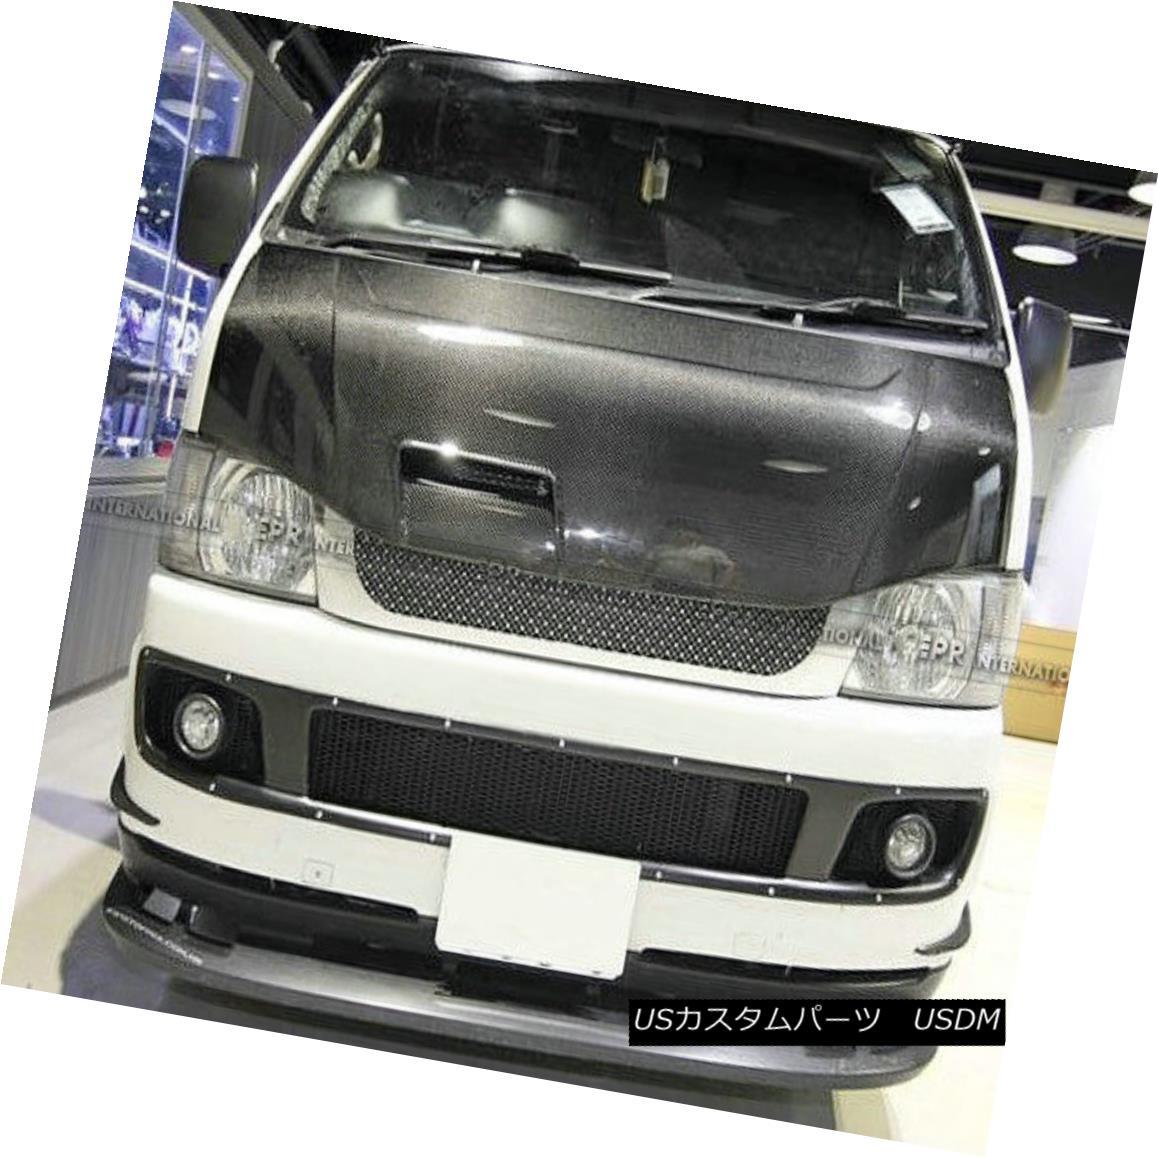 エアロパーツ ABCest Vented Hood Bonnet Body Kit For Toyota 2010 Hiace 200 Carbon Fiber Racing トヨタ2010ハイエース200カーボンファイバーレーシング用ABCest Vented Hoodボンネットボディキット